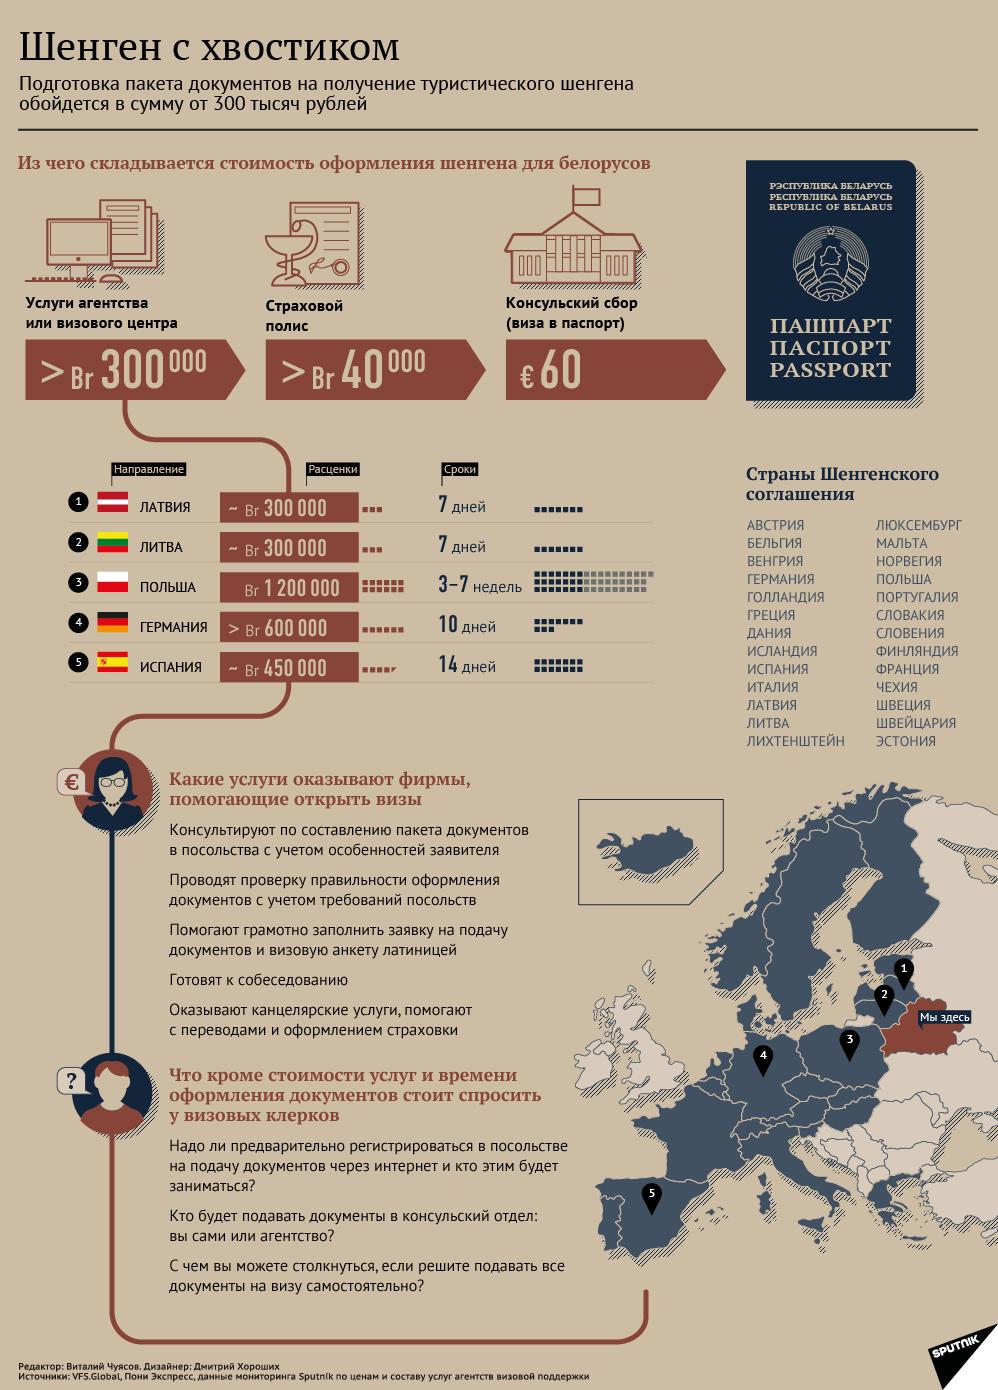 Шенгенская виза. самое главное, что нужно знать – блог купибилет